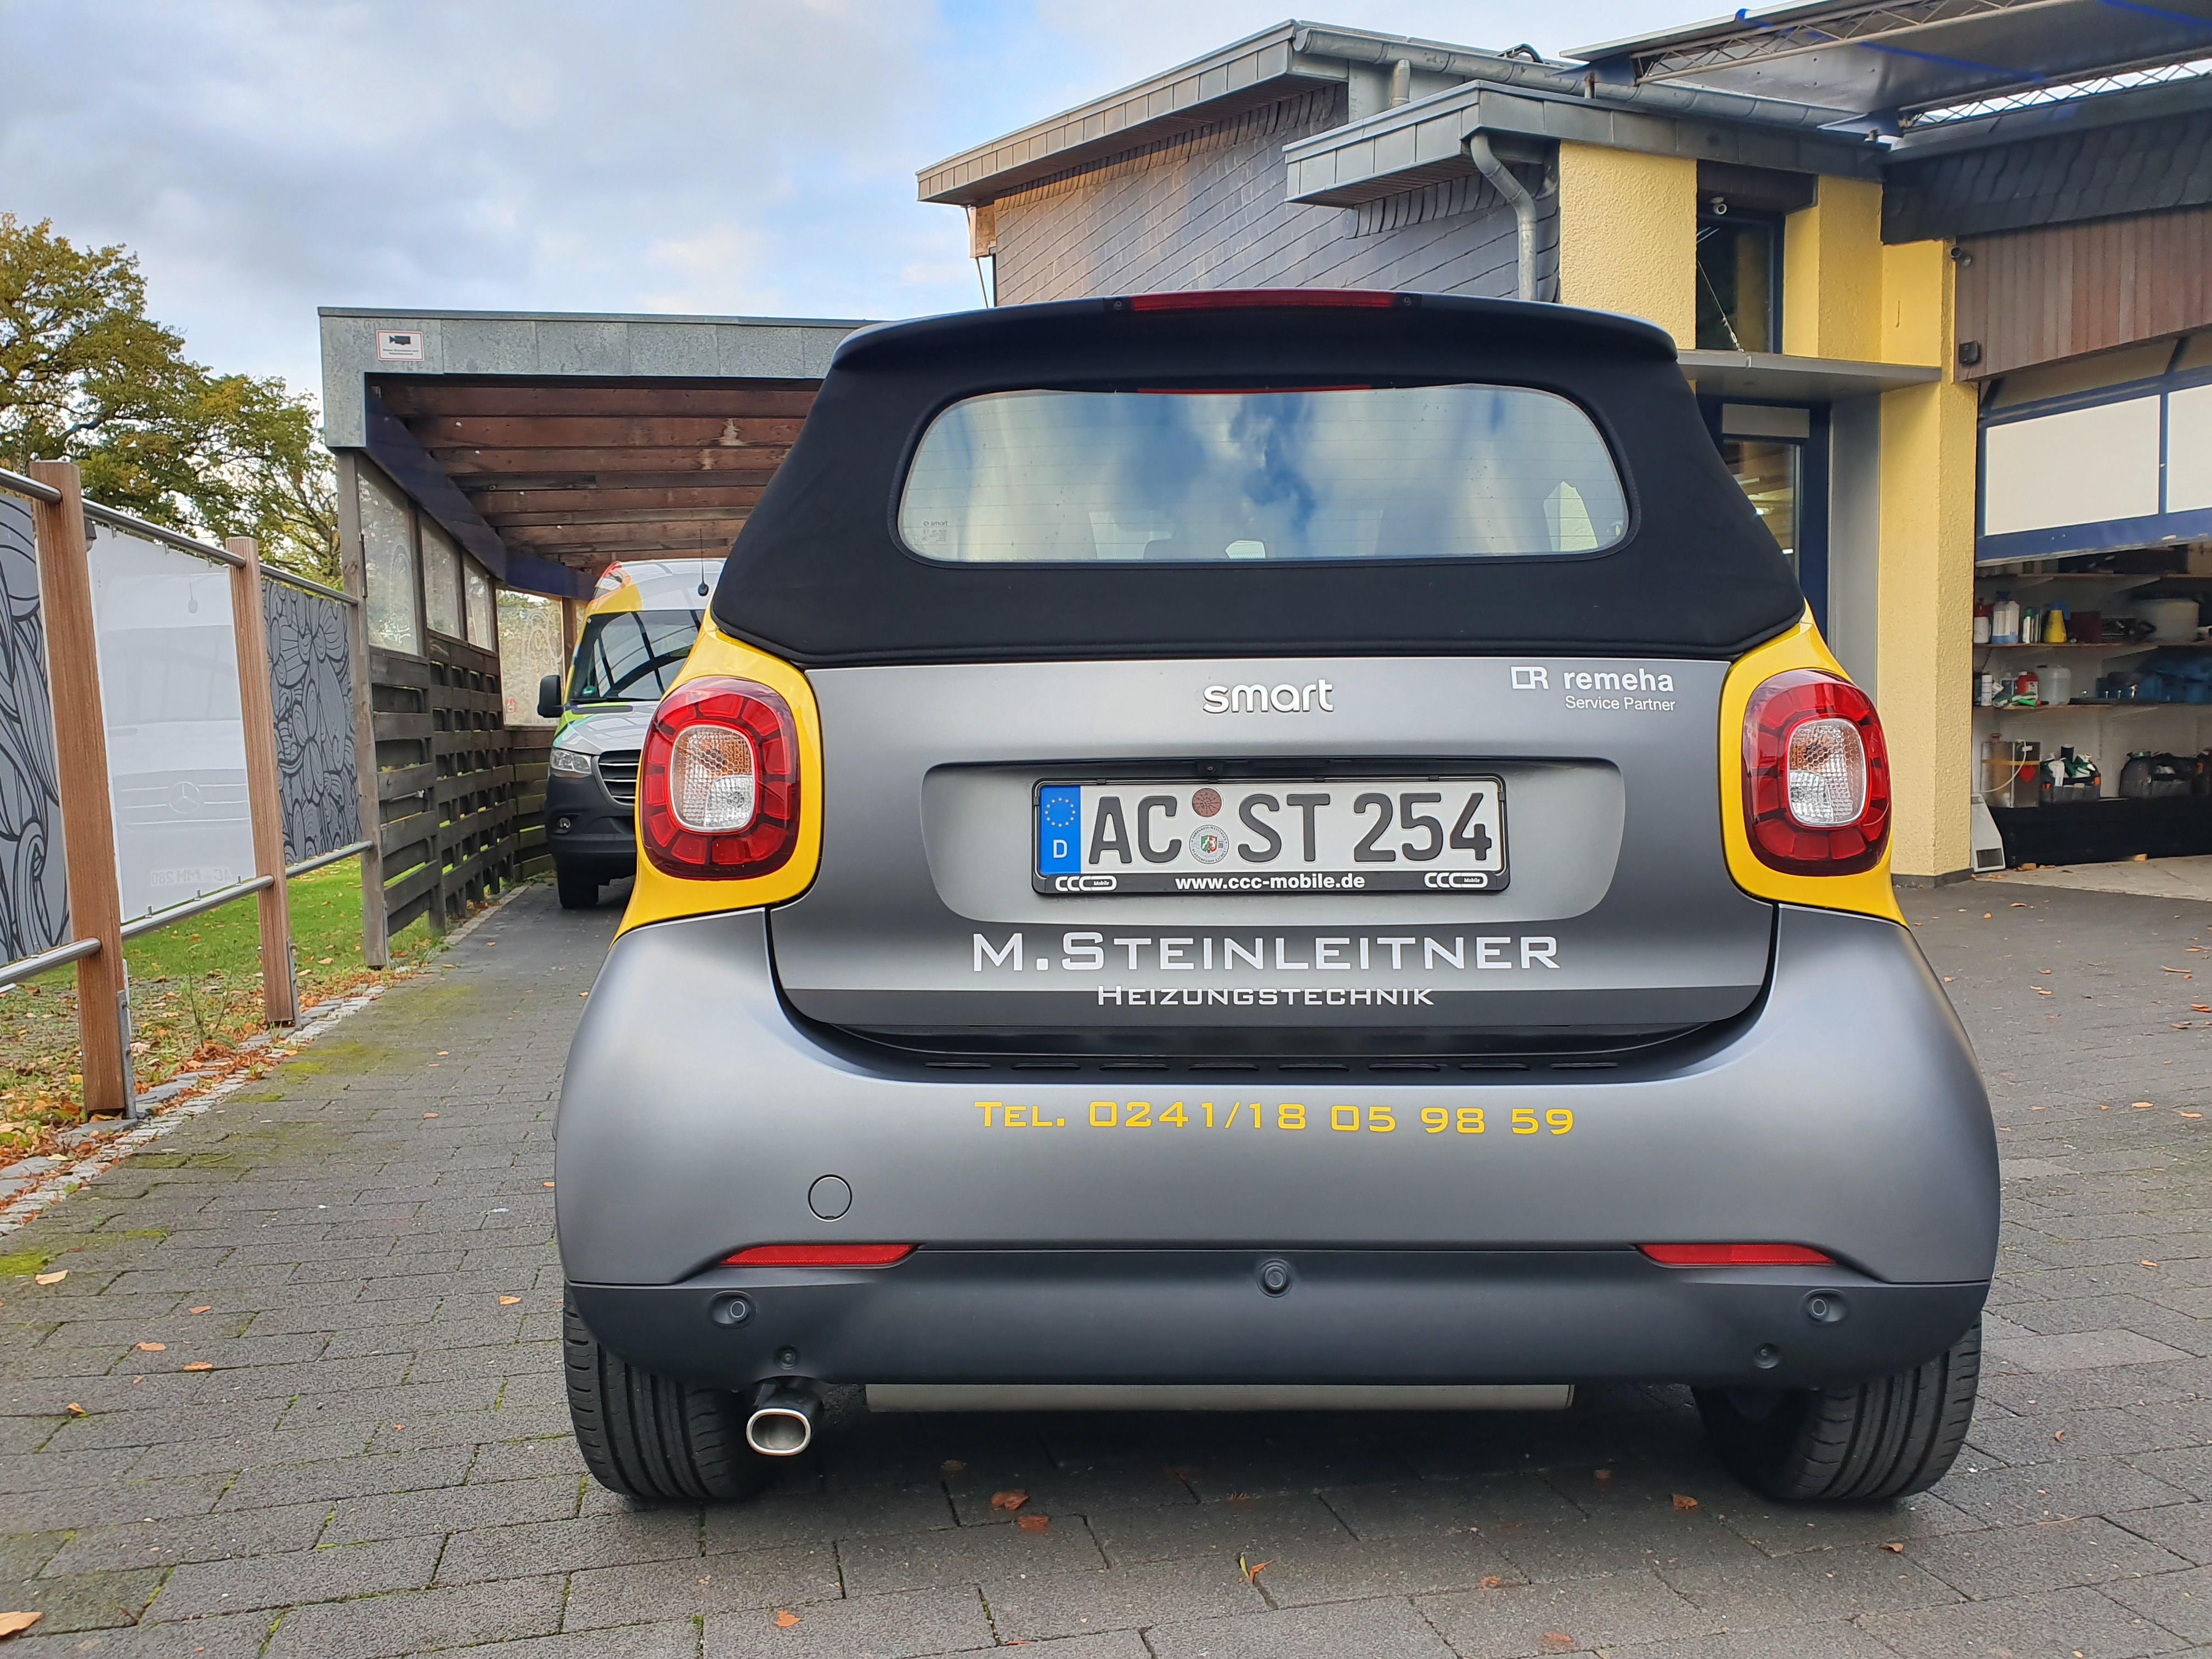 Fahrzeugbeklebung_Steinleitner_DesignIProduktionIMontage_Schauwerbung Mennicken